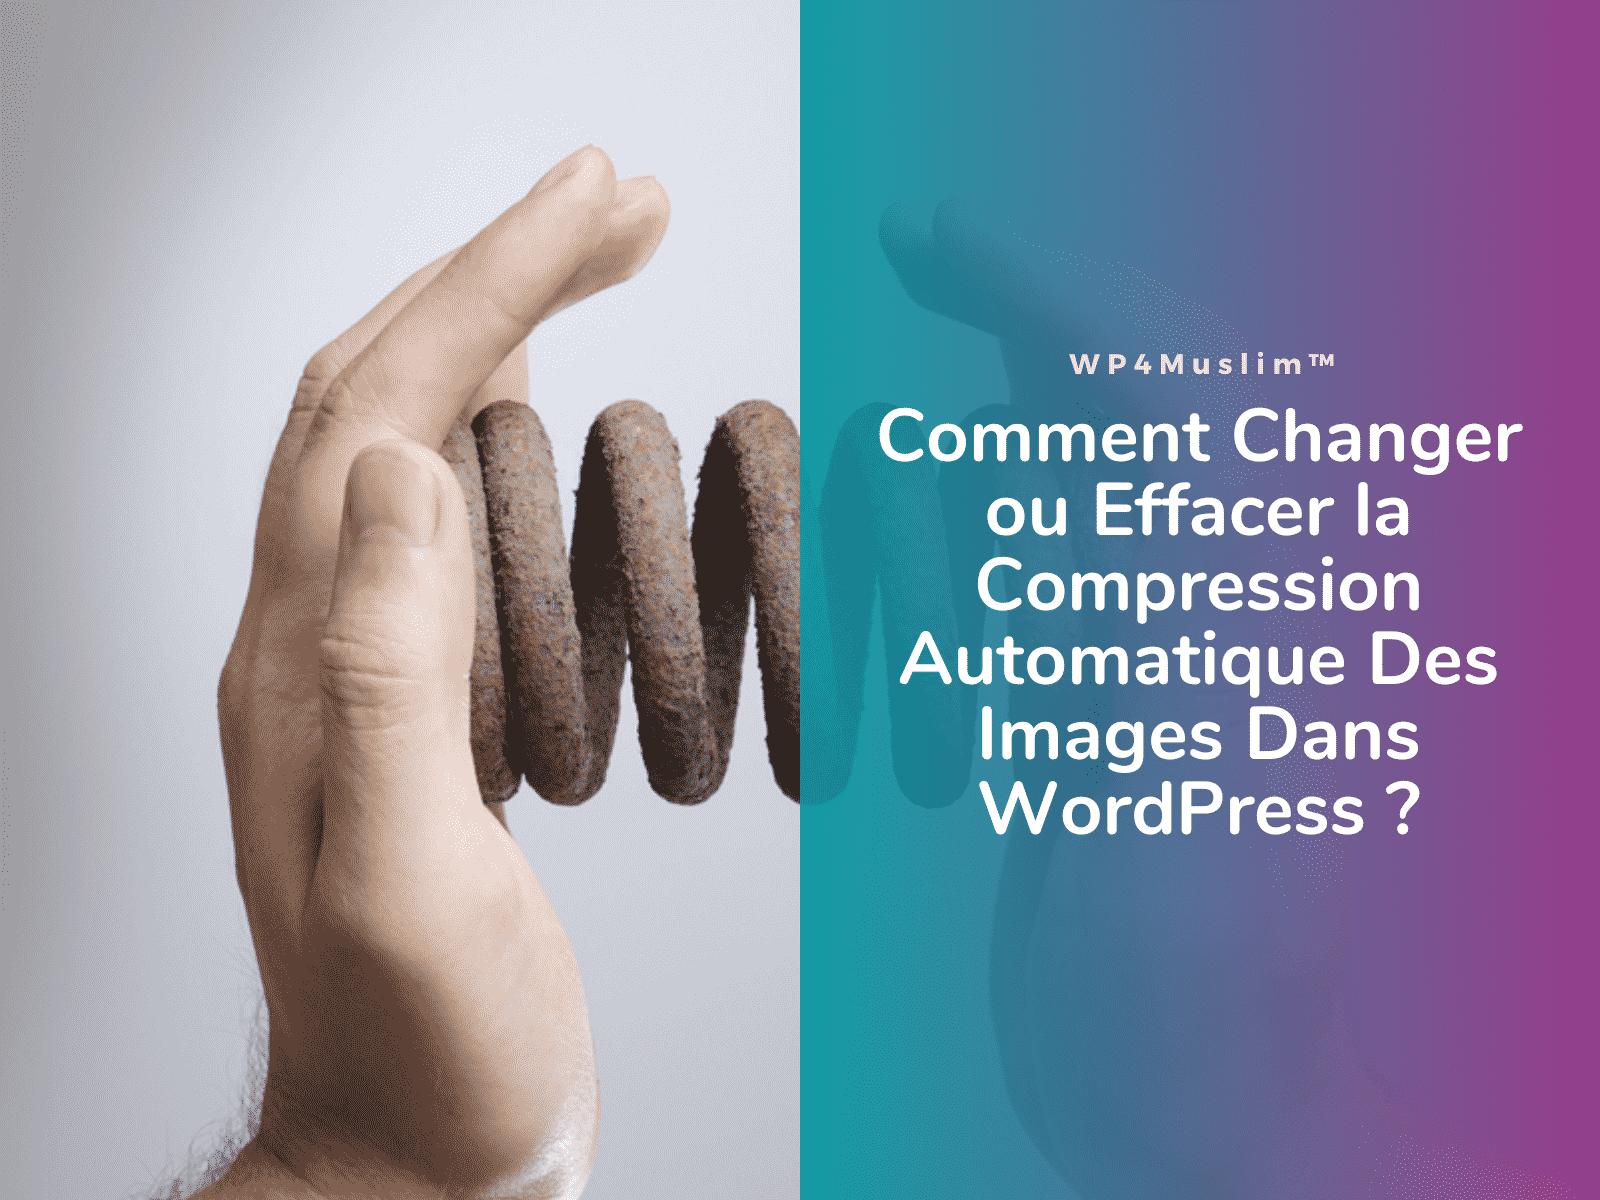 Comment Changer ou Effacer la Compression Automatique Des Images Dans WordPress- WP4Muslim